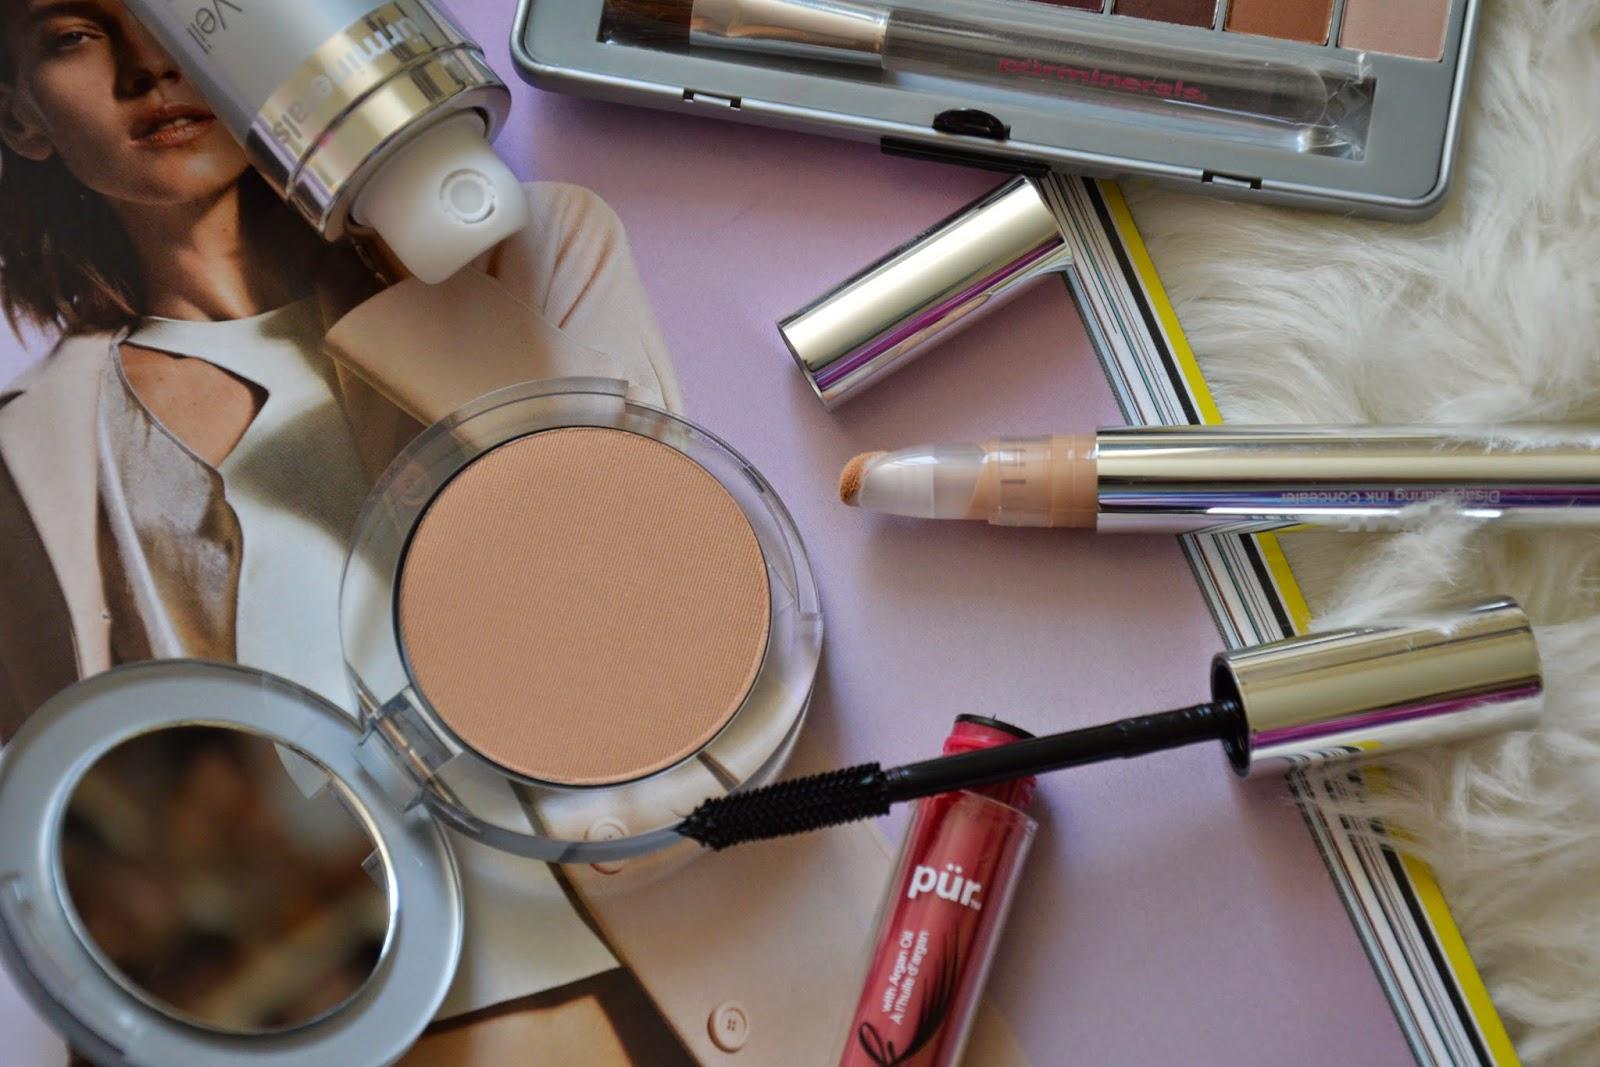 Foundation, powder, Pür Minerals, skin, base, concealer